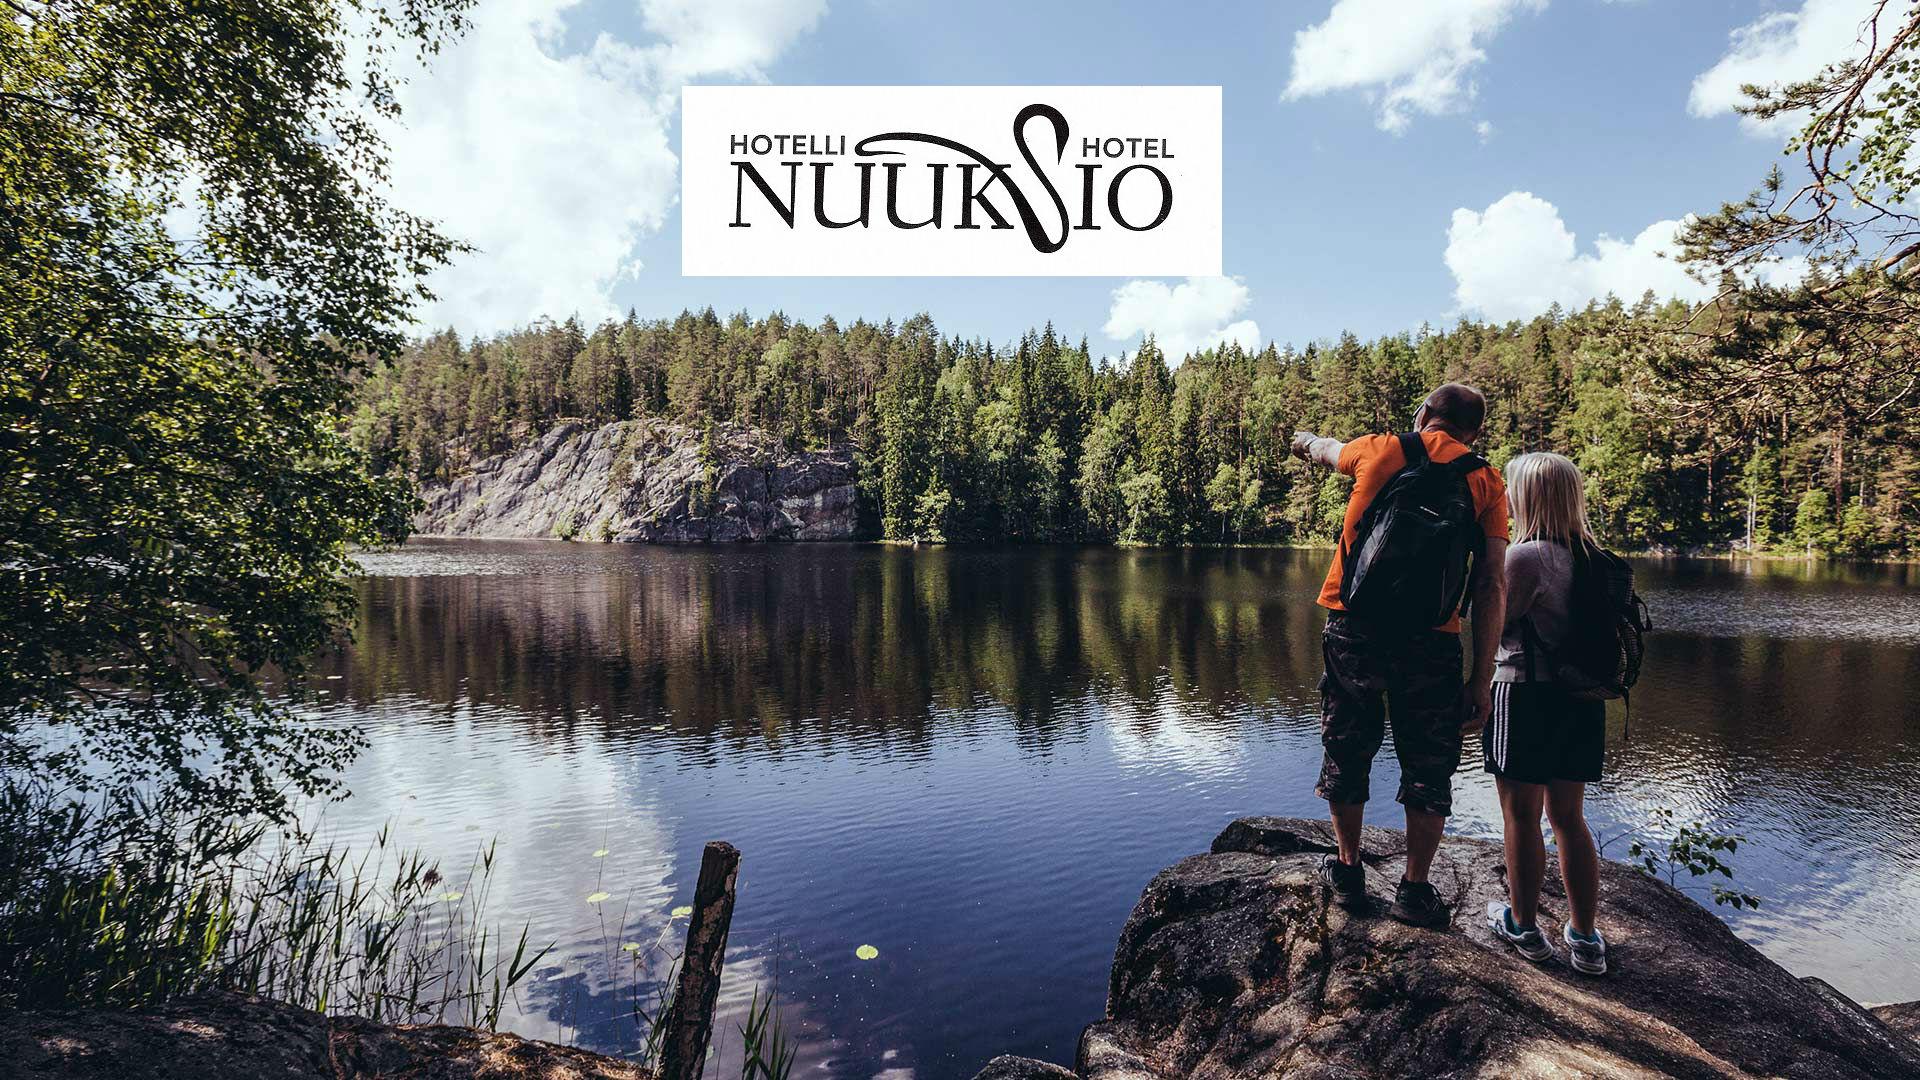 Hotelli Nuuksio – 1-5 yötä kahdelle sis. aamiaiset, kuntosalin sekä saunan alk. vain 60€ (säästä jopa 55%)